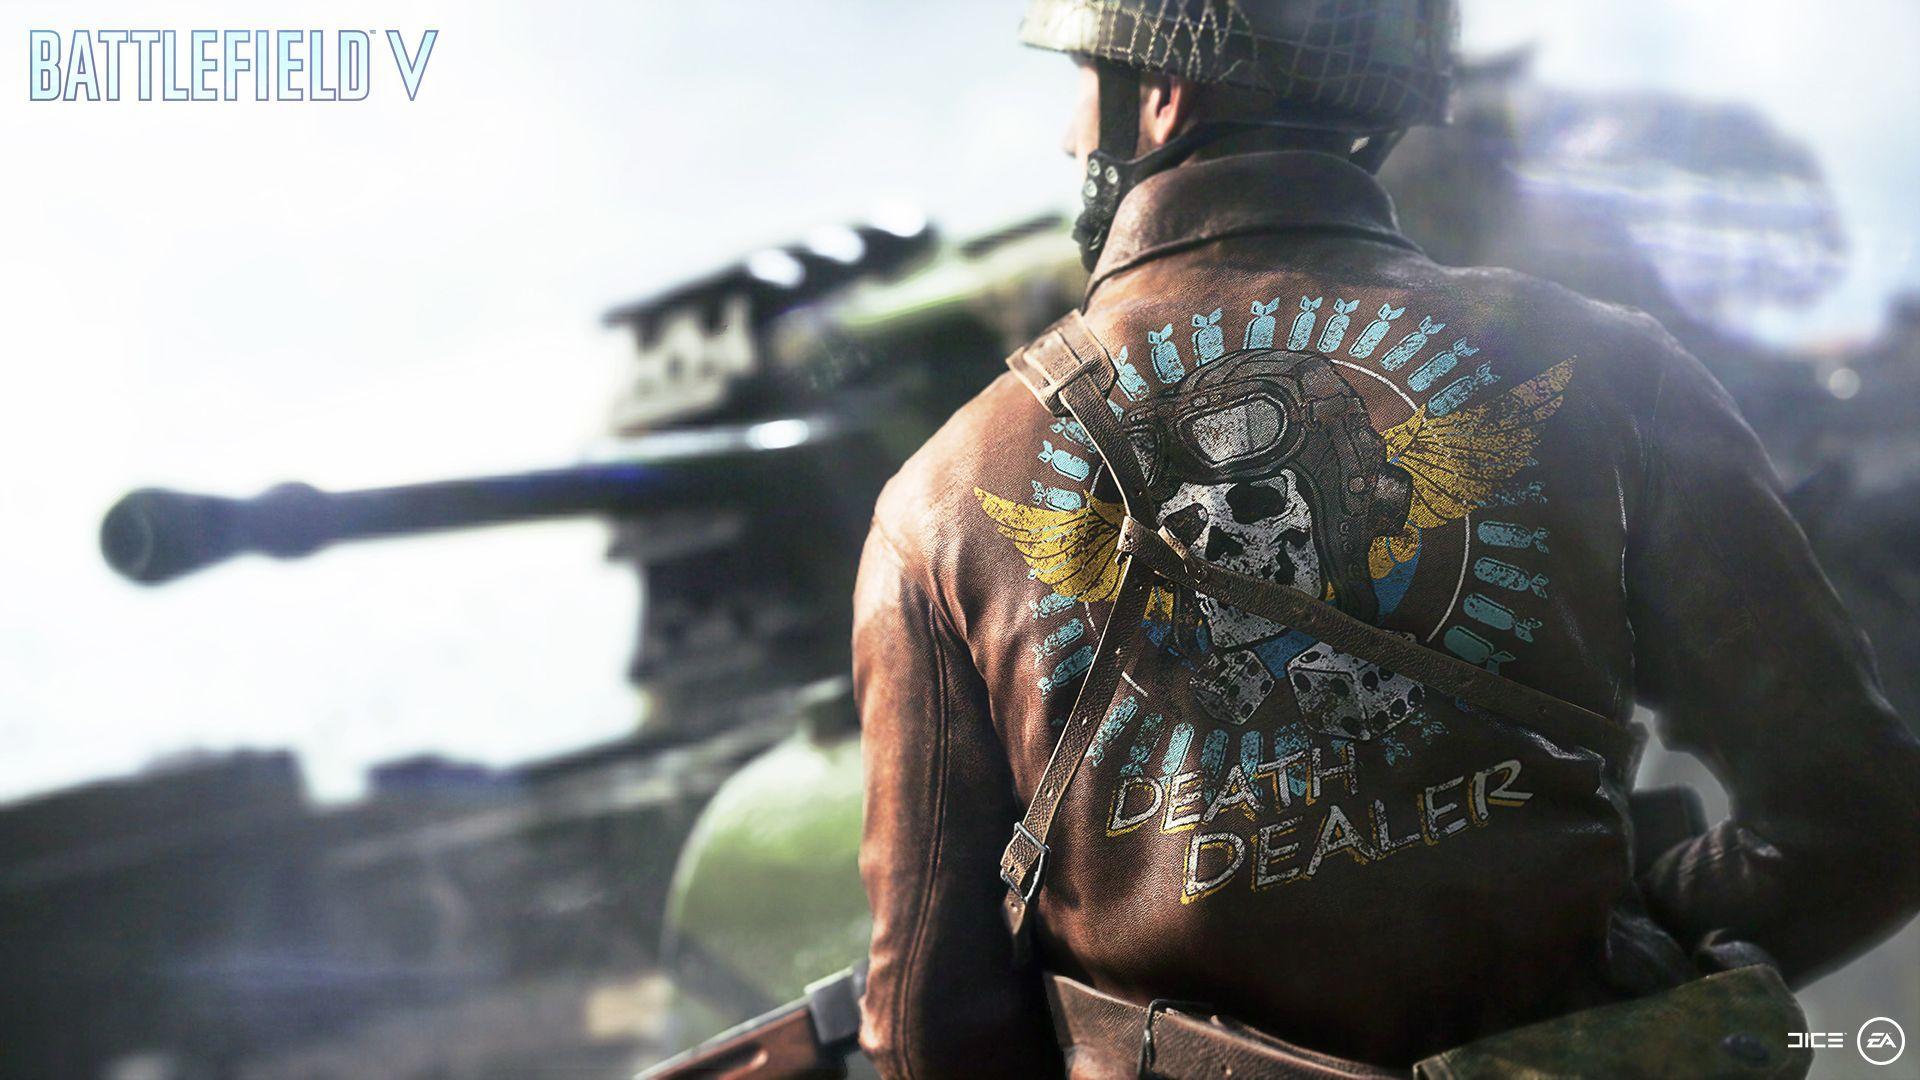 Battlefield V (Xbox One) - 10